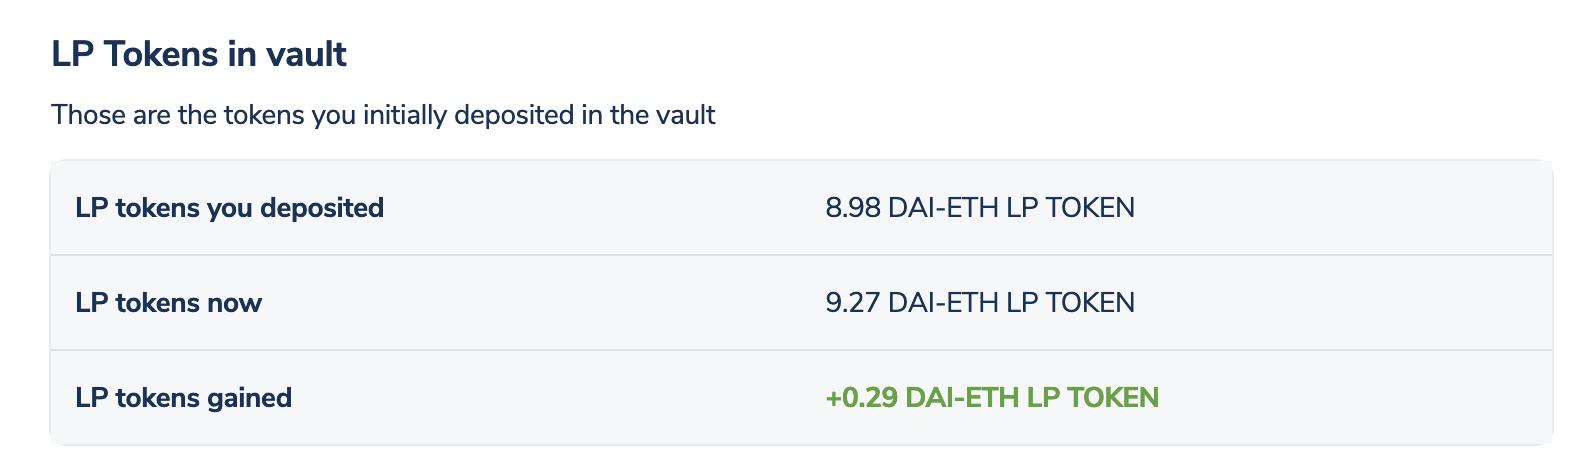 LP tokens in vault